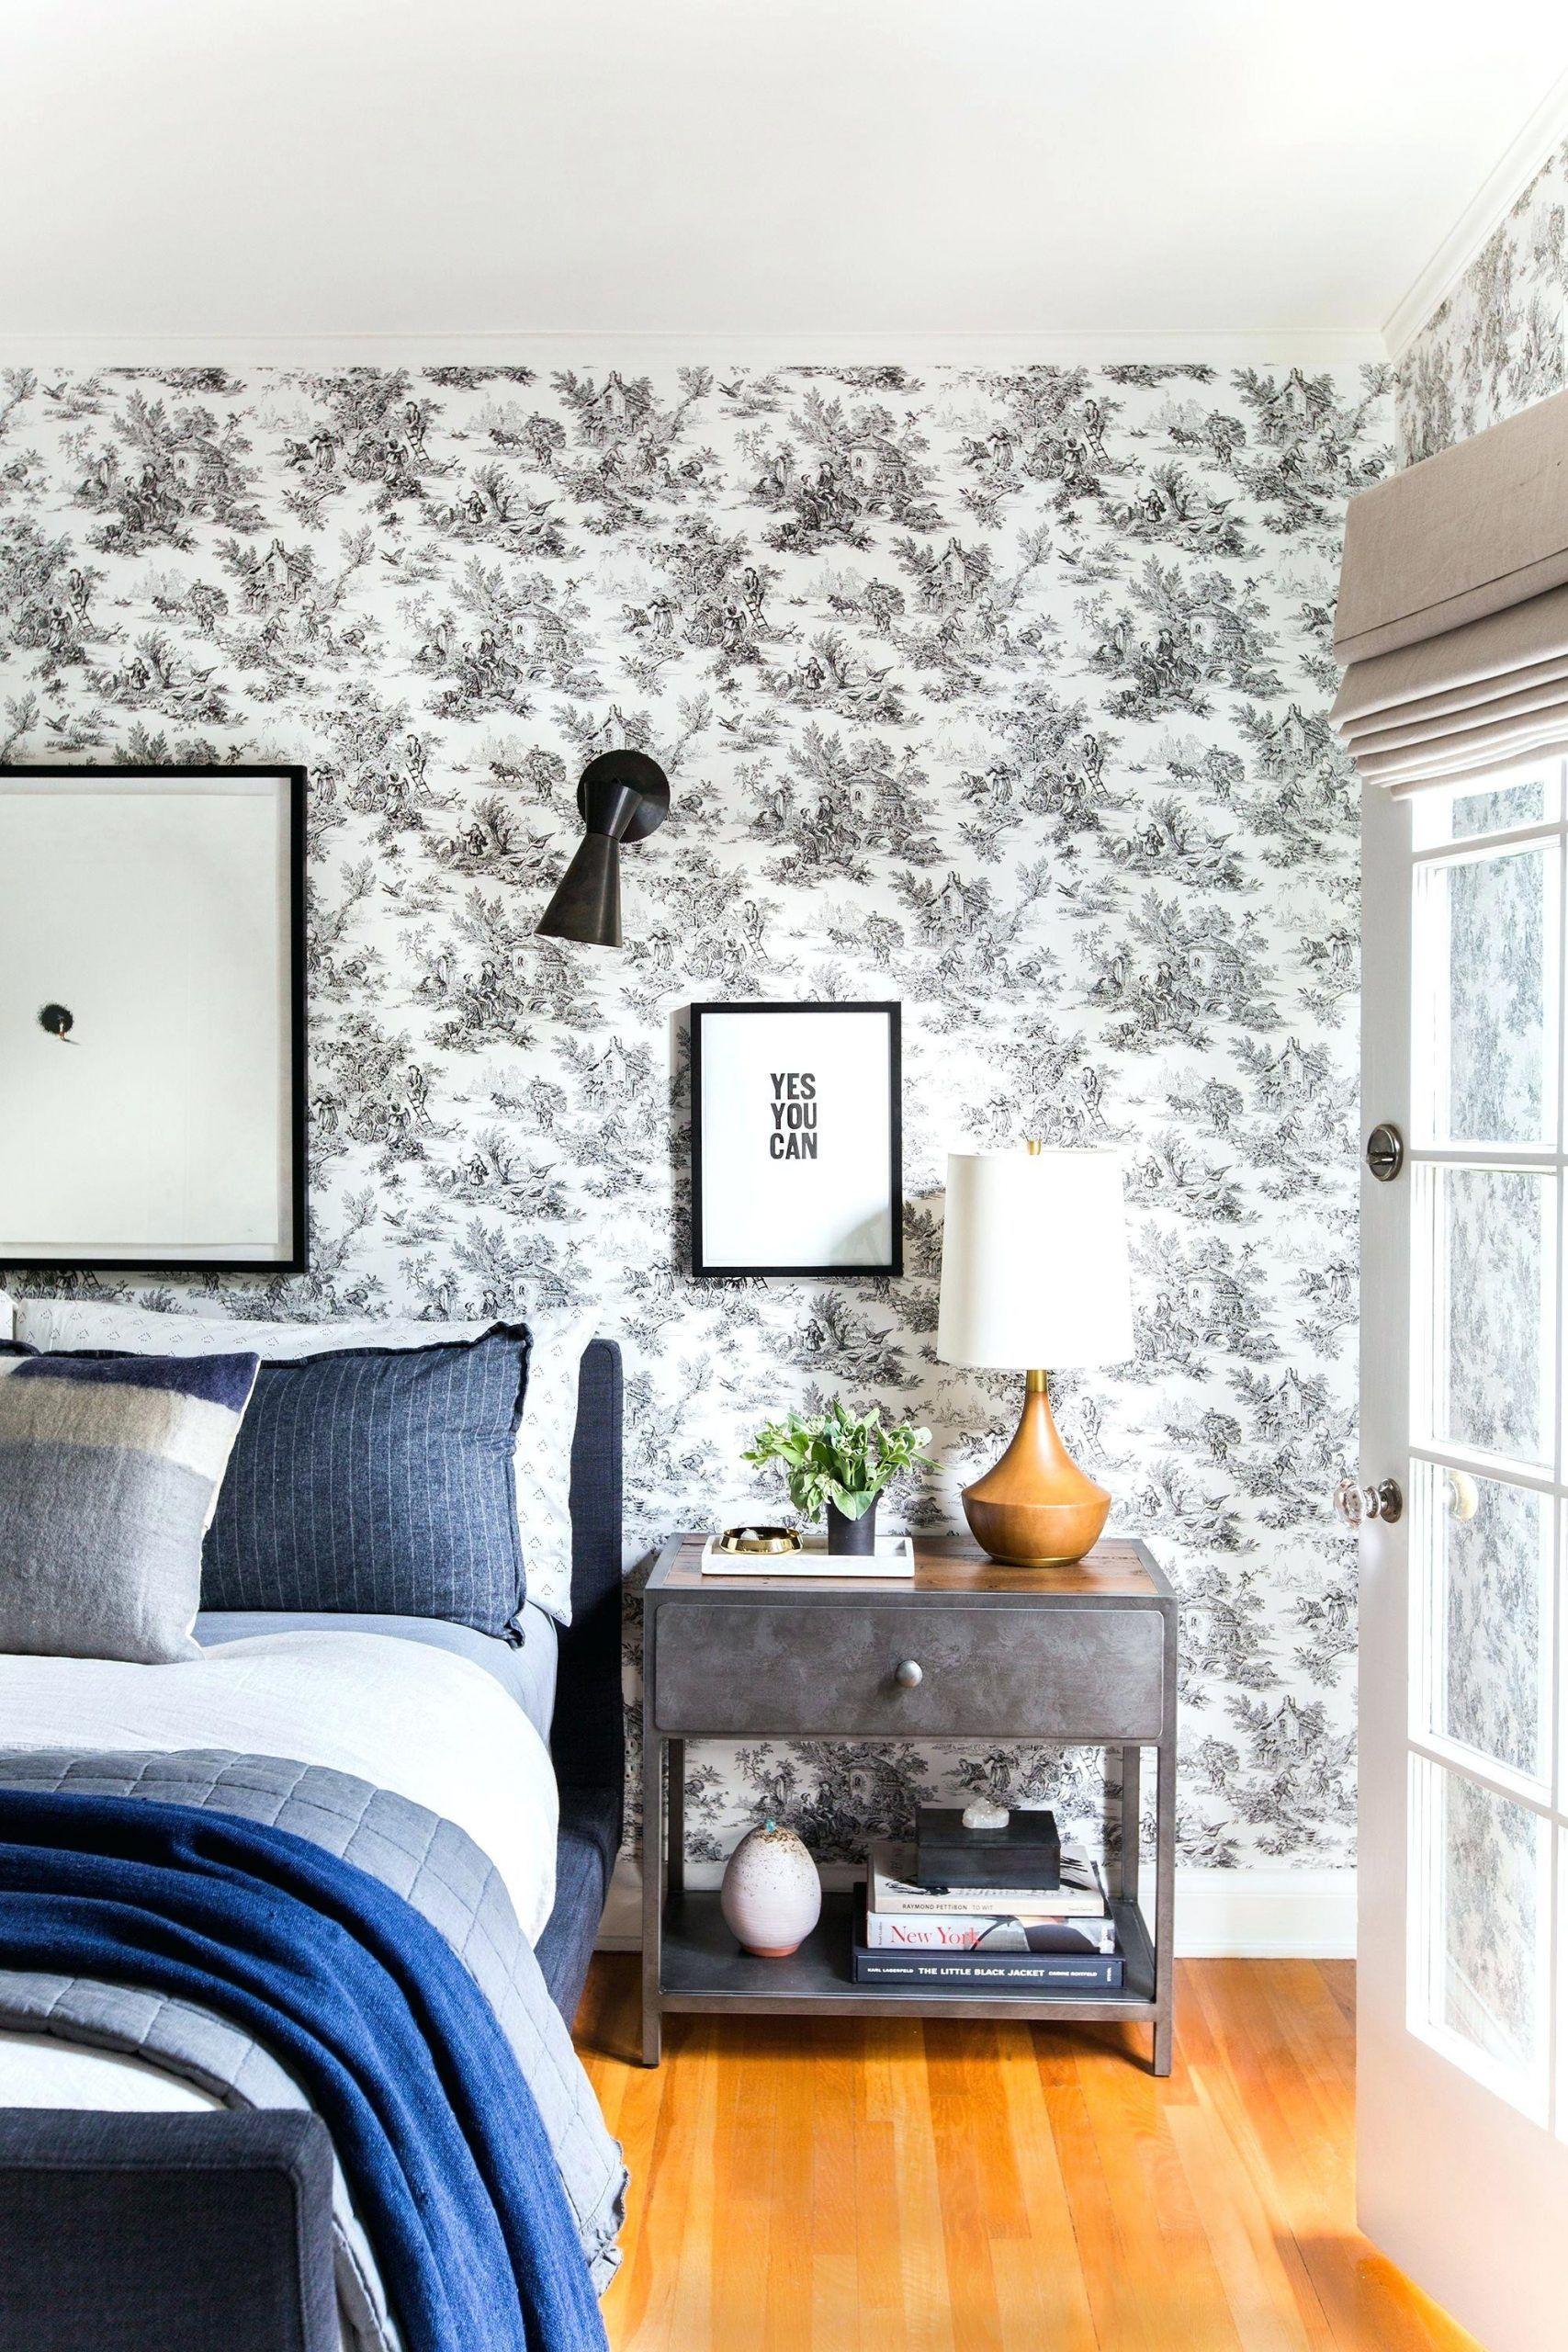 Modern Wallpaper Ideas For Living Room Living Room Modern Wallpaper 2018 For Lav In 2020 Traditional Bedroom Design Wallpaper Design For Bedroom Bedroom Wall Designs